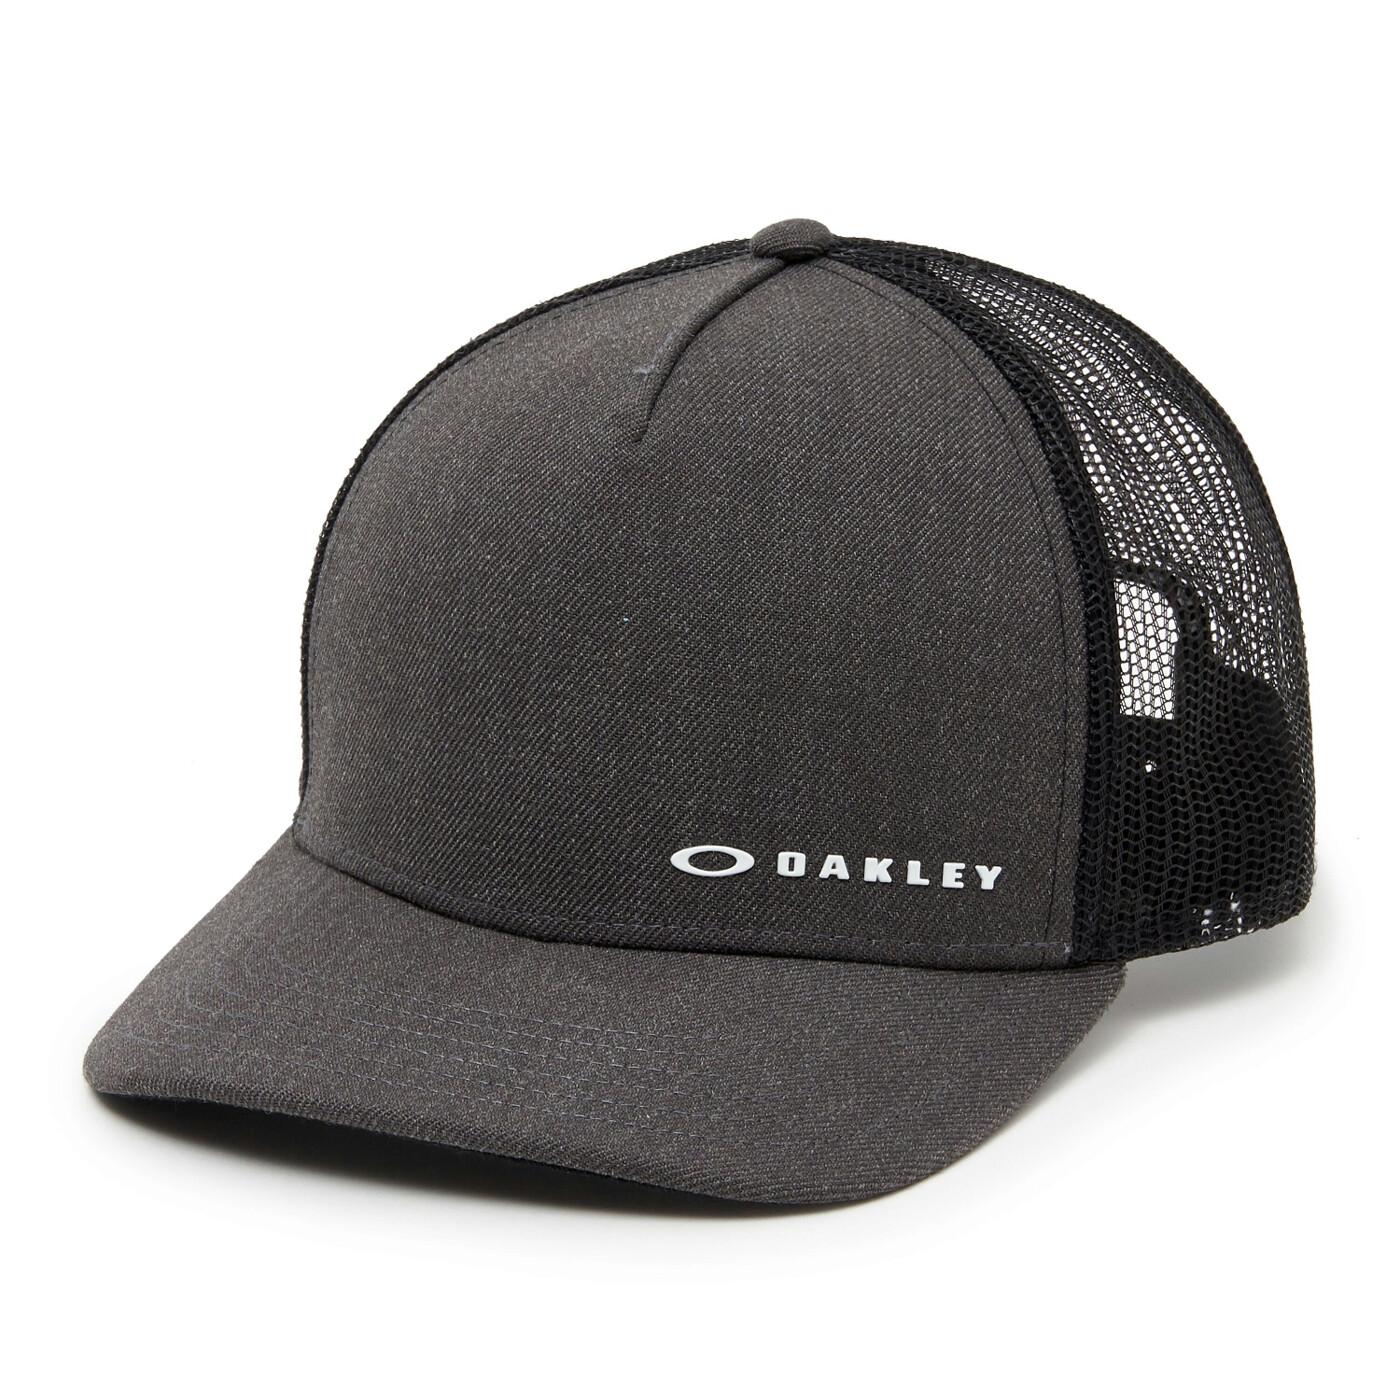 CHALTEN CAP OAKLEY - Herren